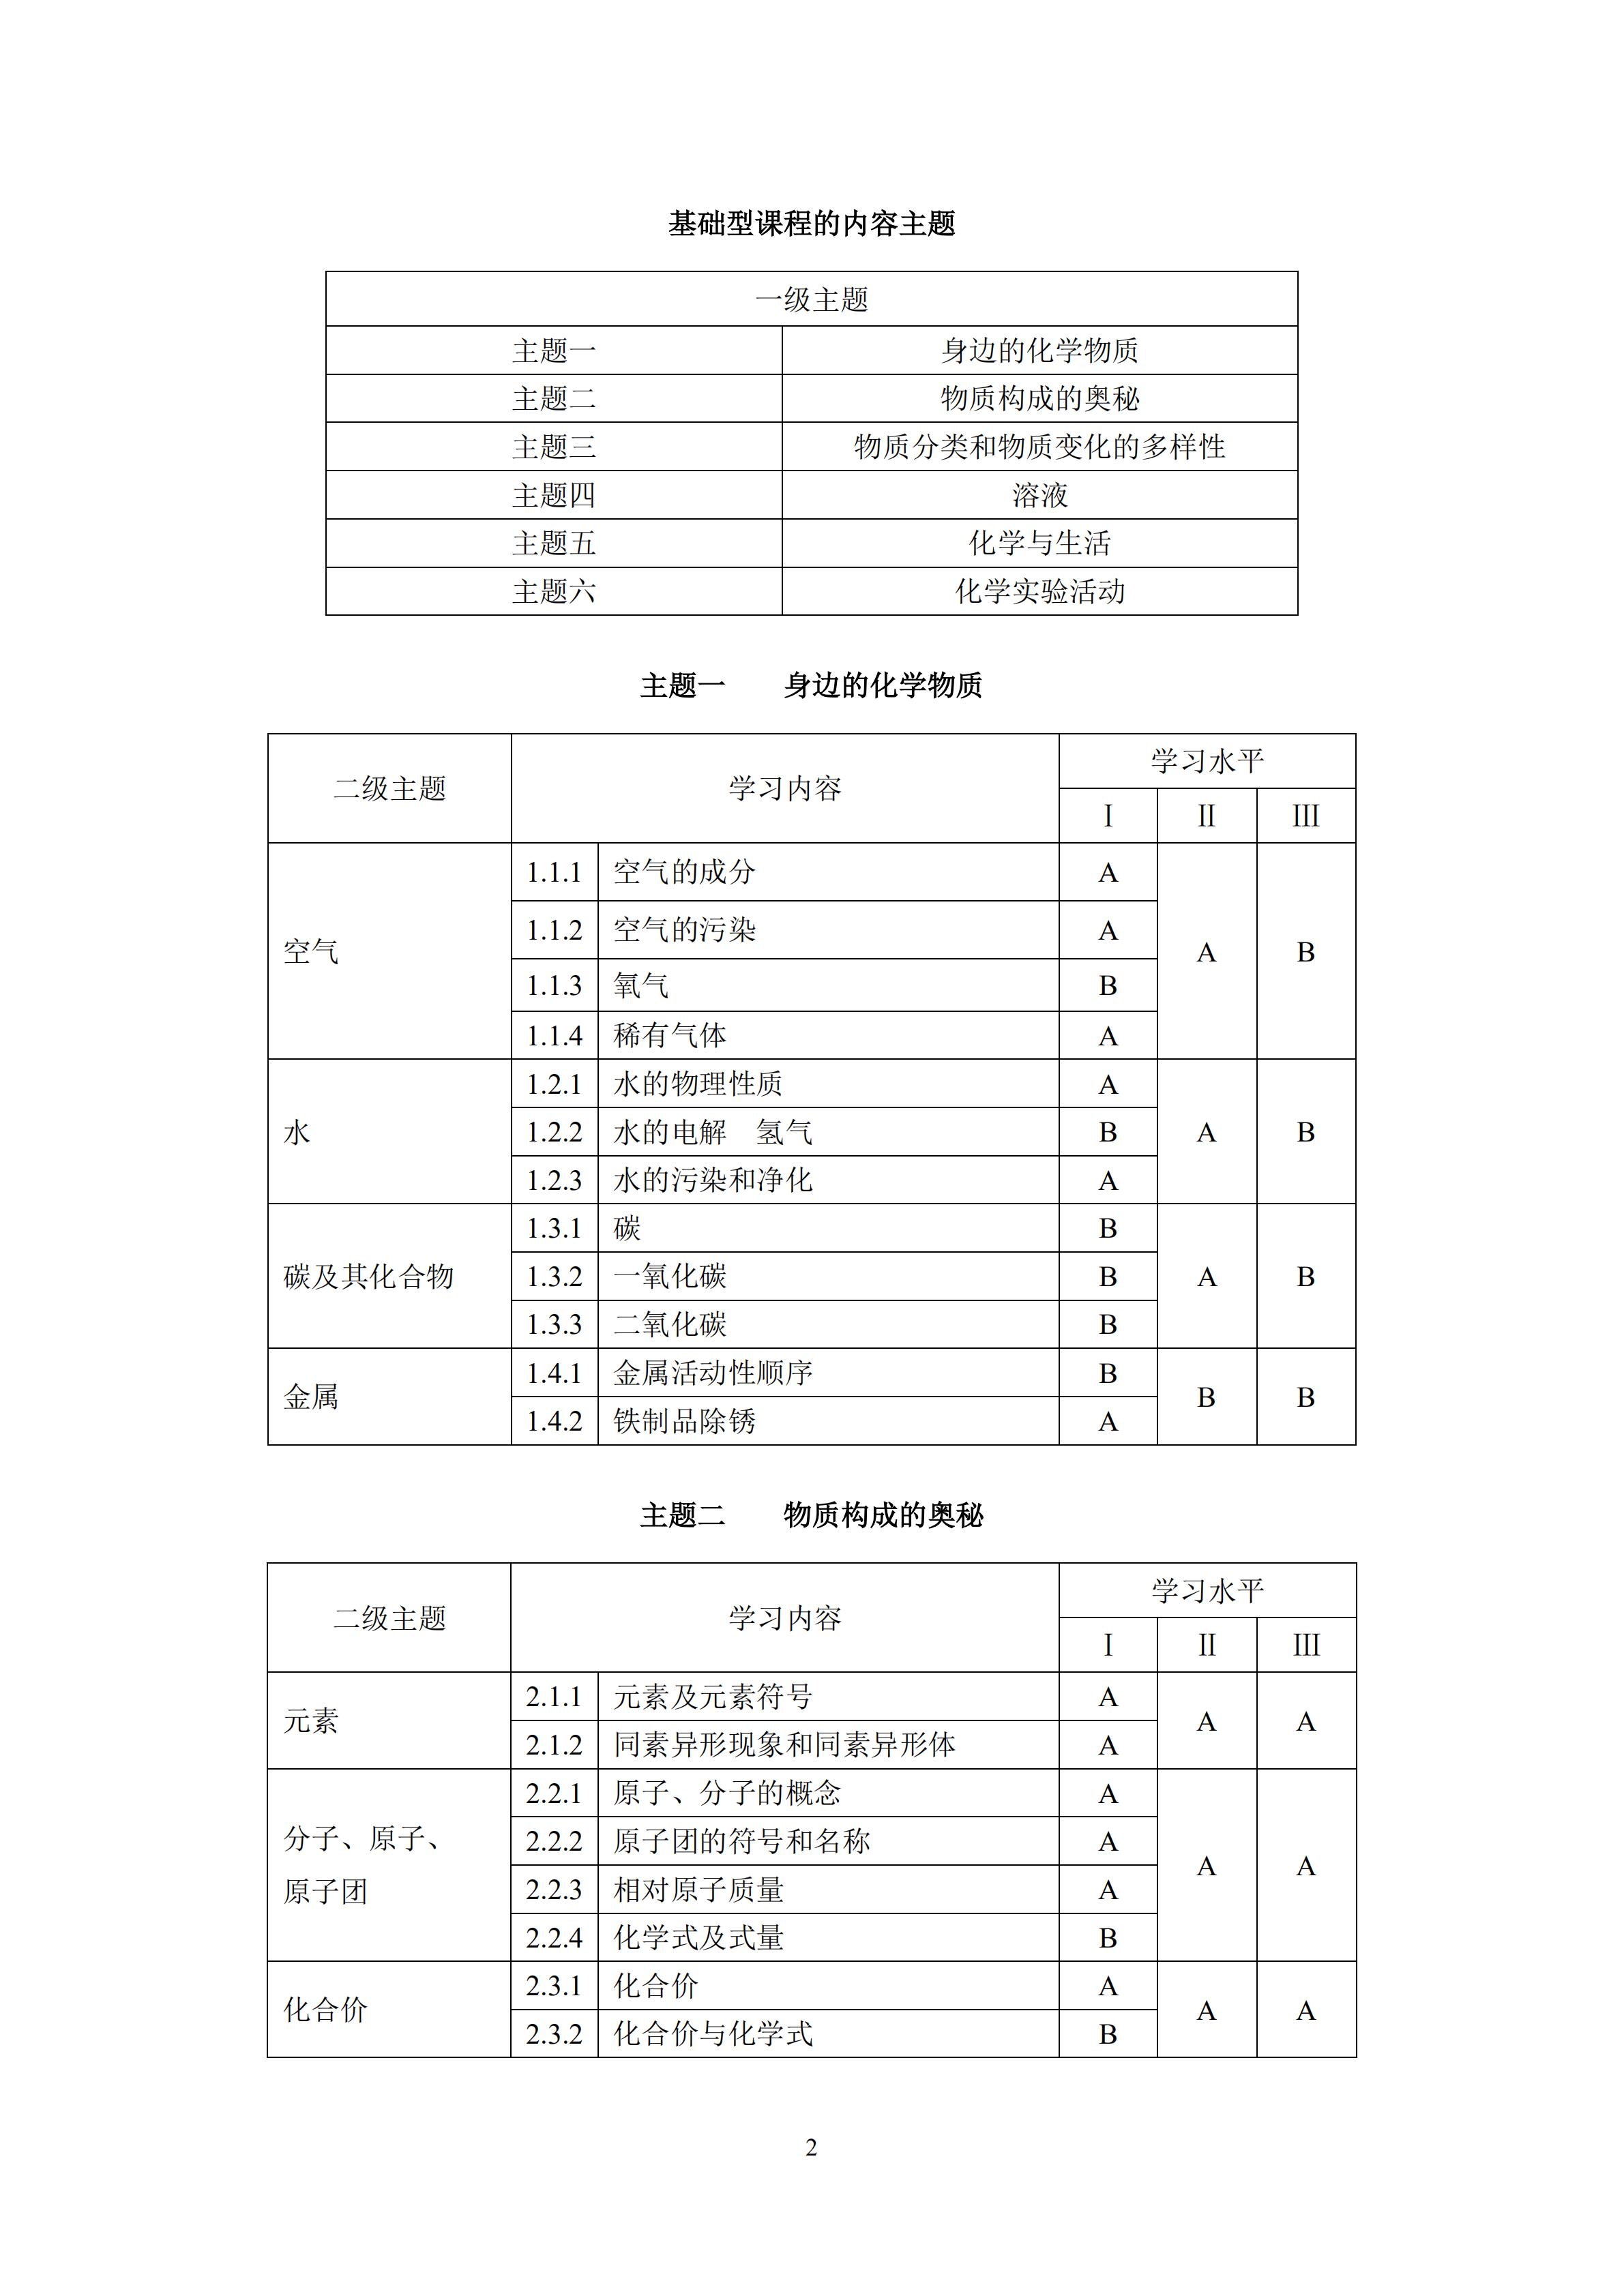 2020上海中考考纲,化学